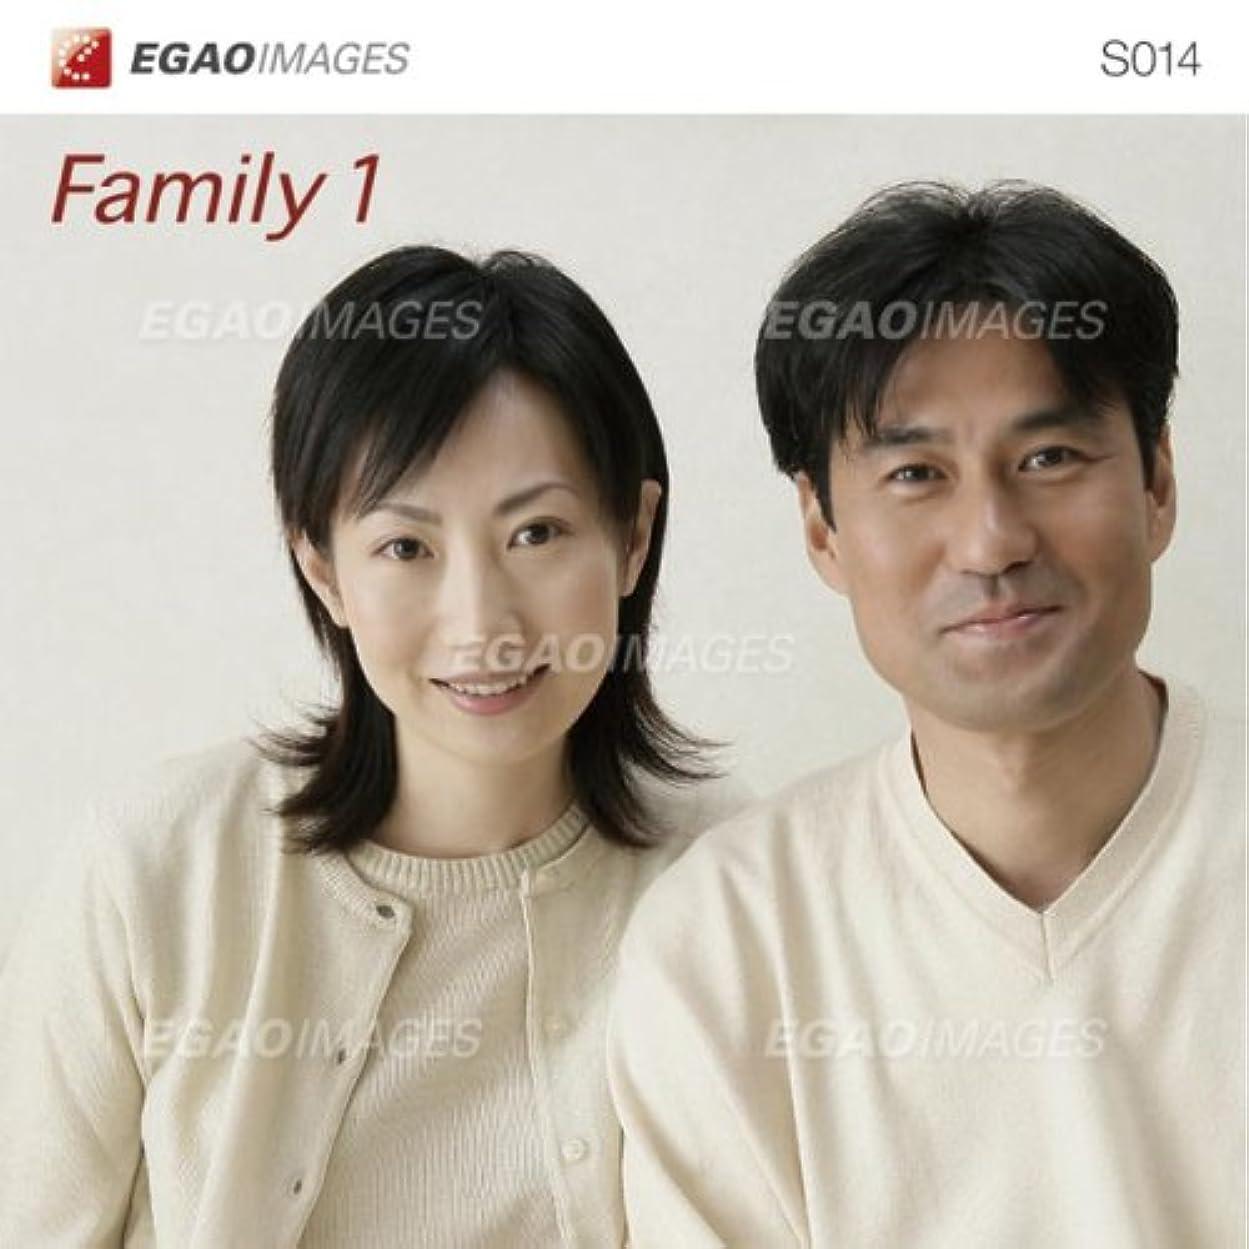 外交政権造船EGAOIMAGES S014 家族「ファミリー1」